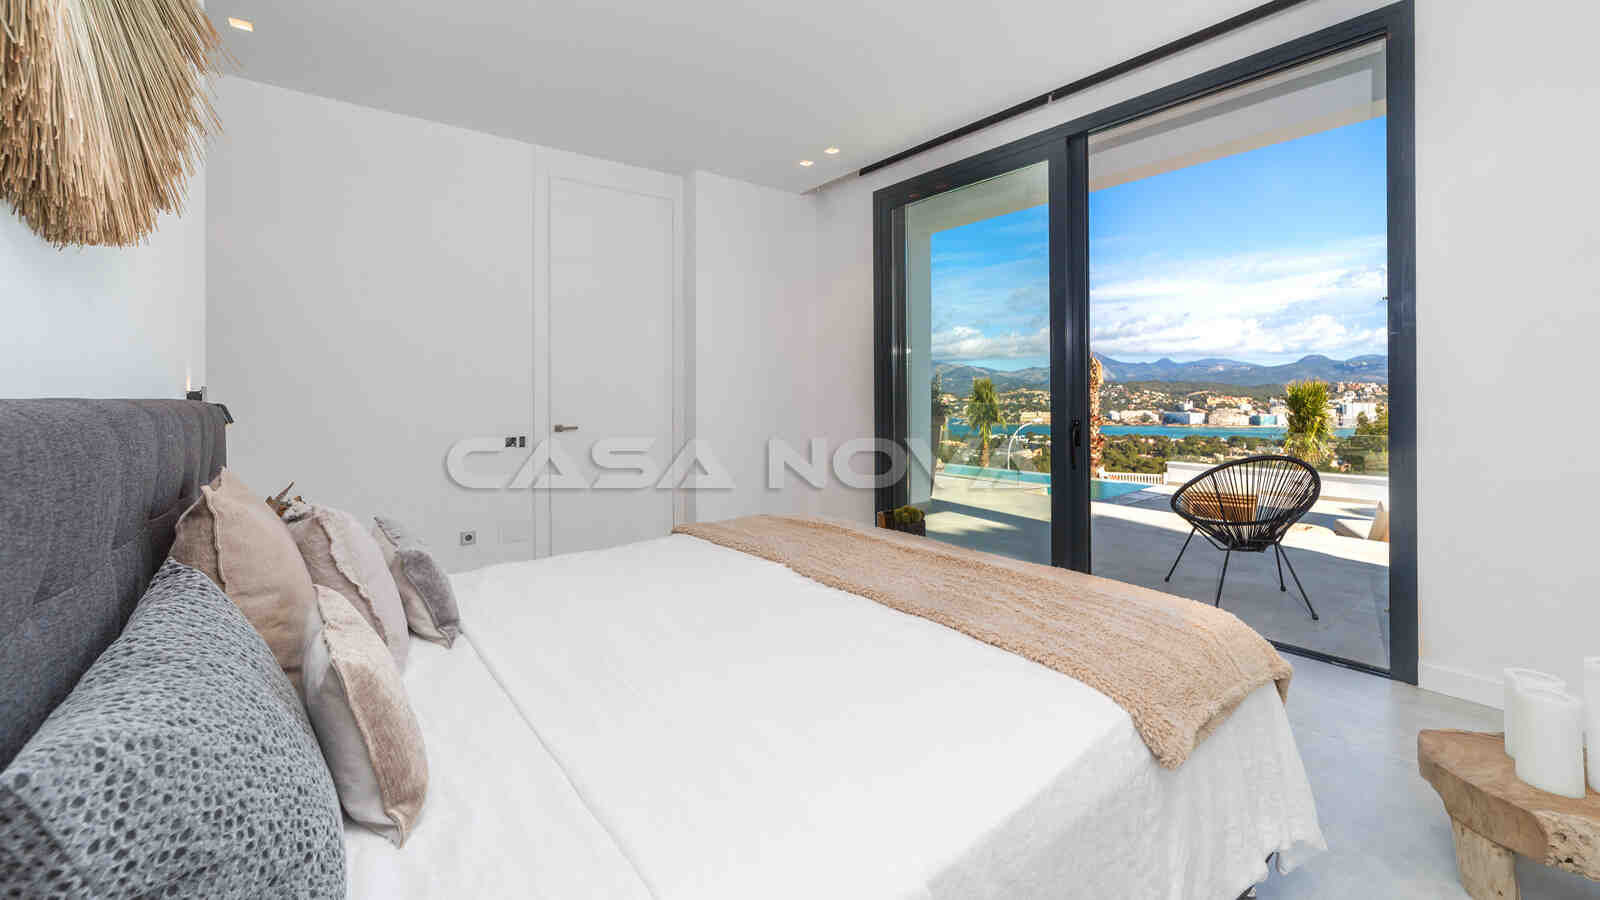 Gemütliches Schlafzimmer mit Panoramablick